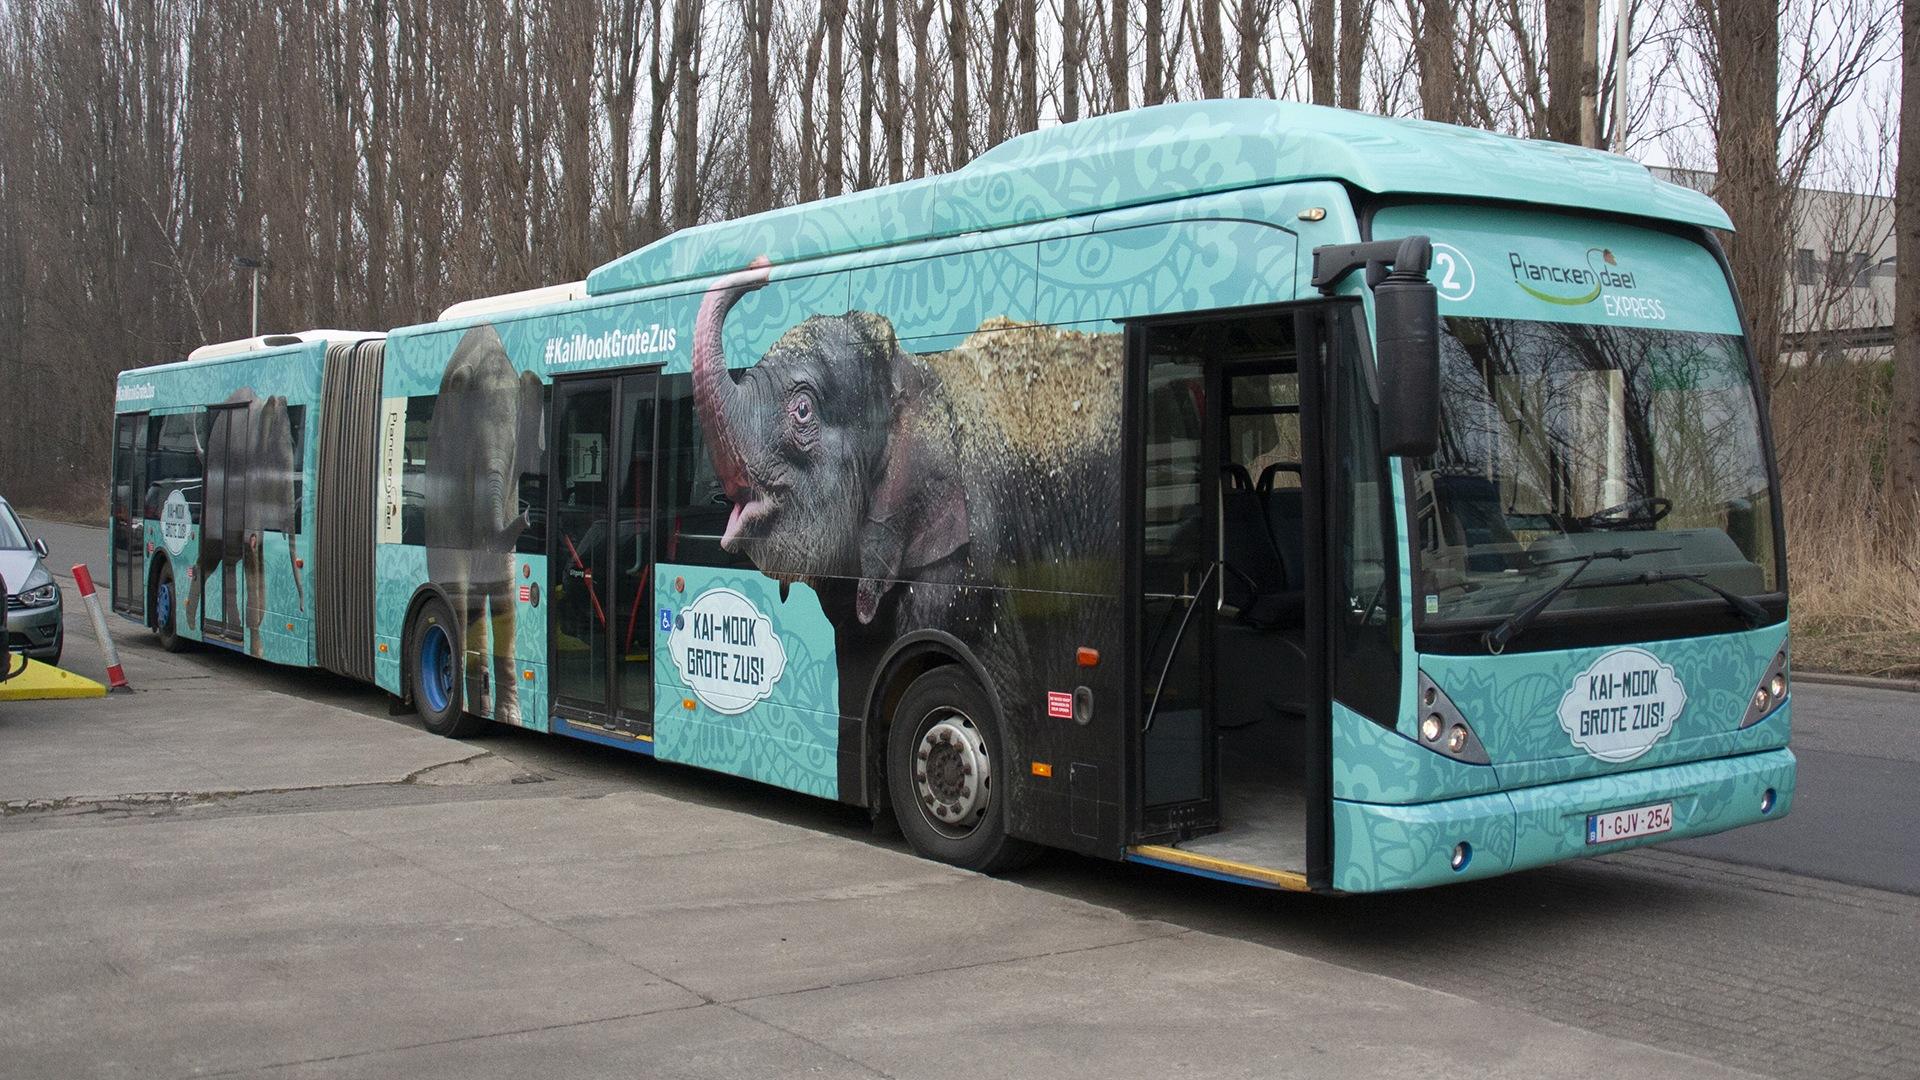 bestickering lijnbus